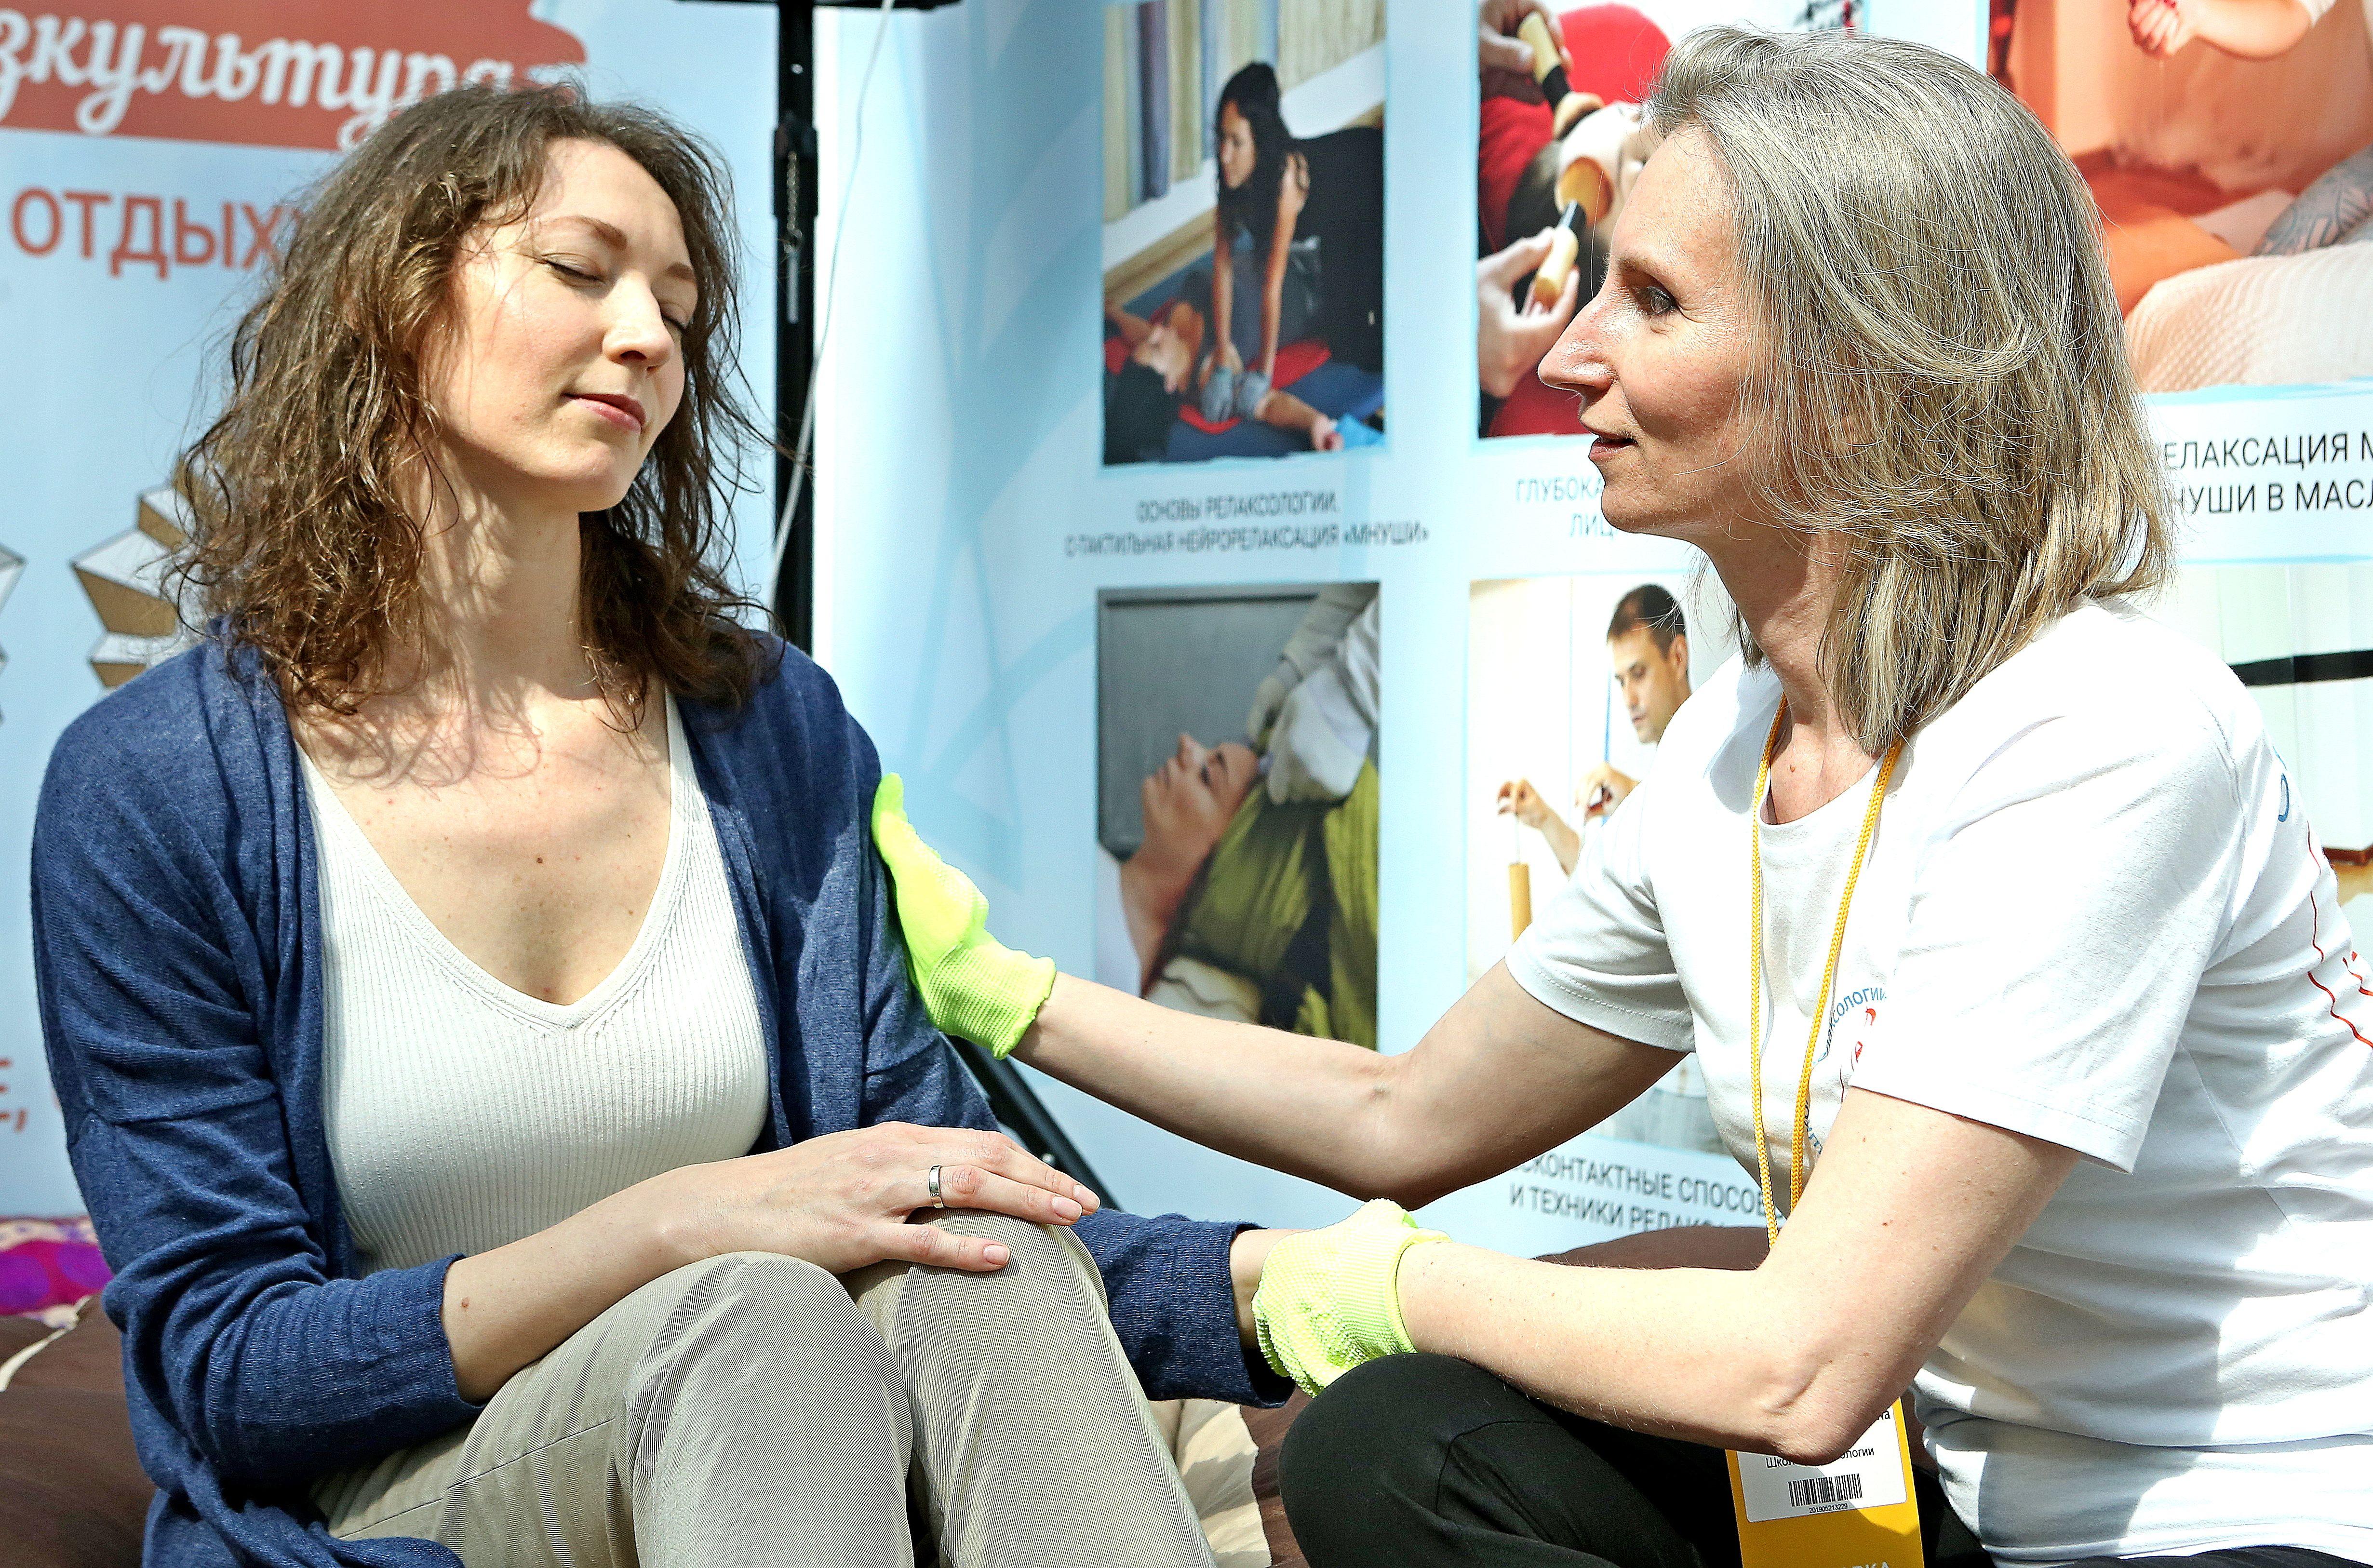 Парки пригласили москвичей на бесплатную диспансеризацию